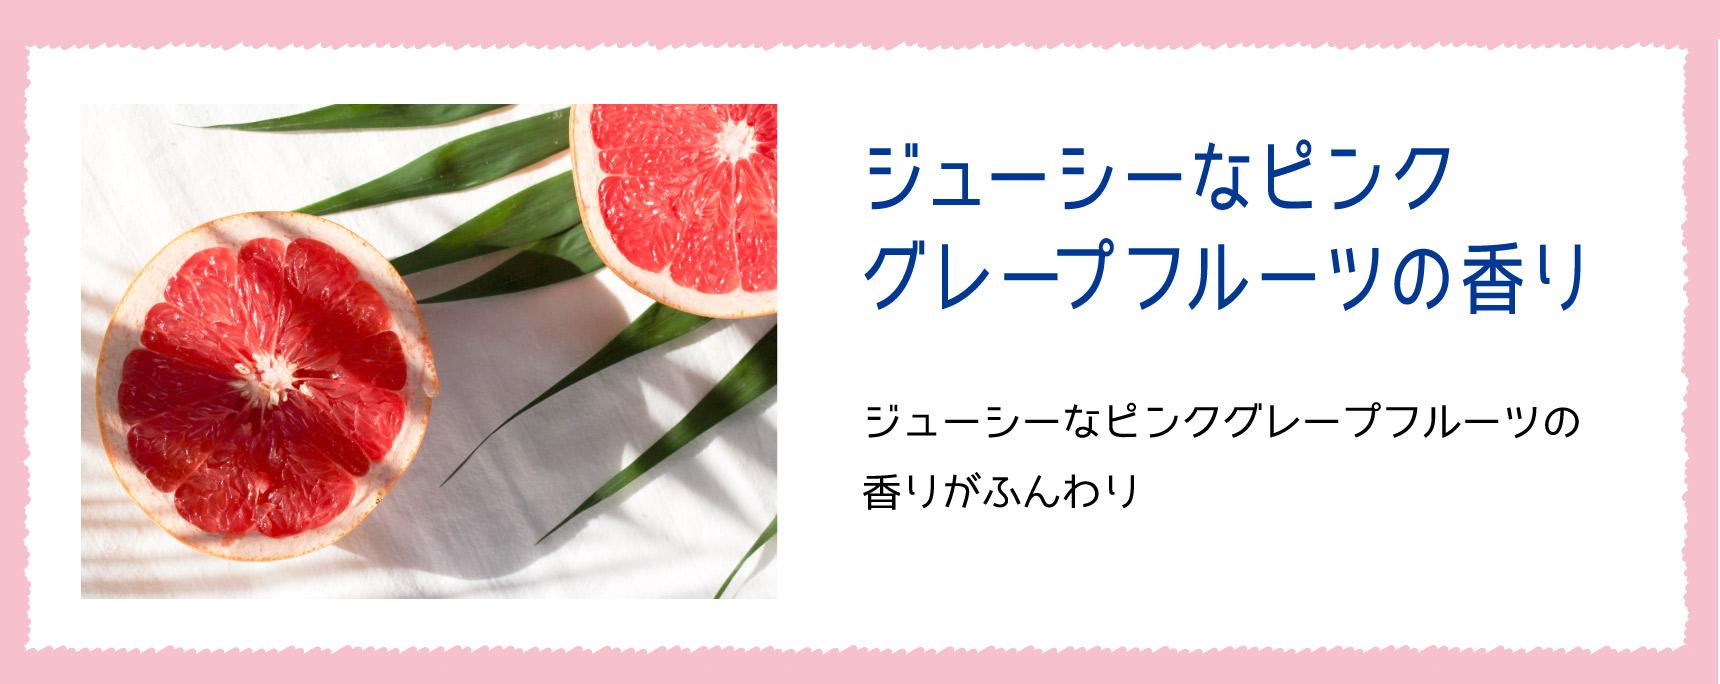 ジューシーなピンクグレープフルーツの香り ジューシーなピンクグレープフルーツの香りがふんわり